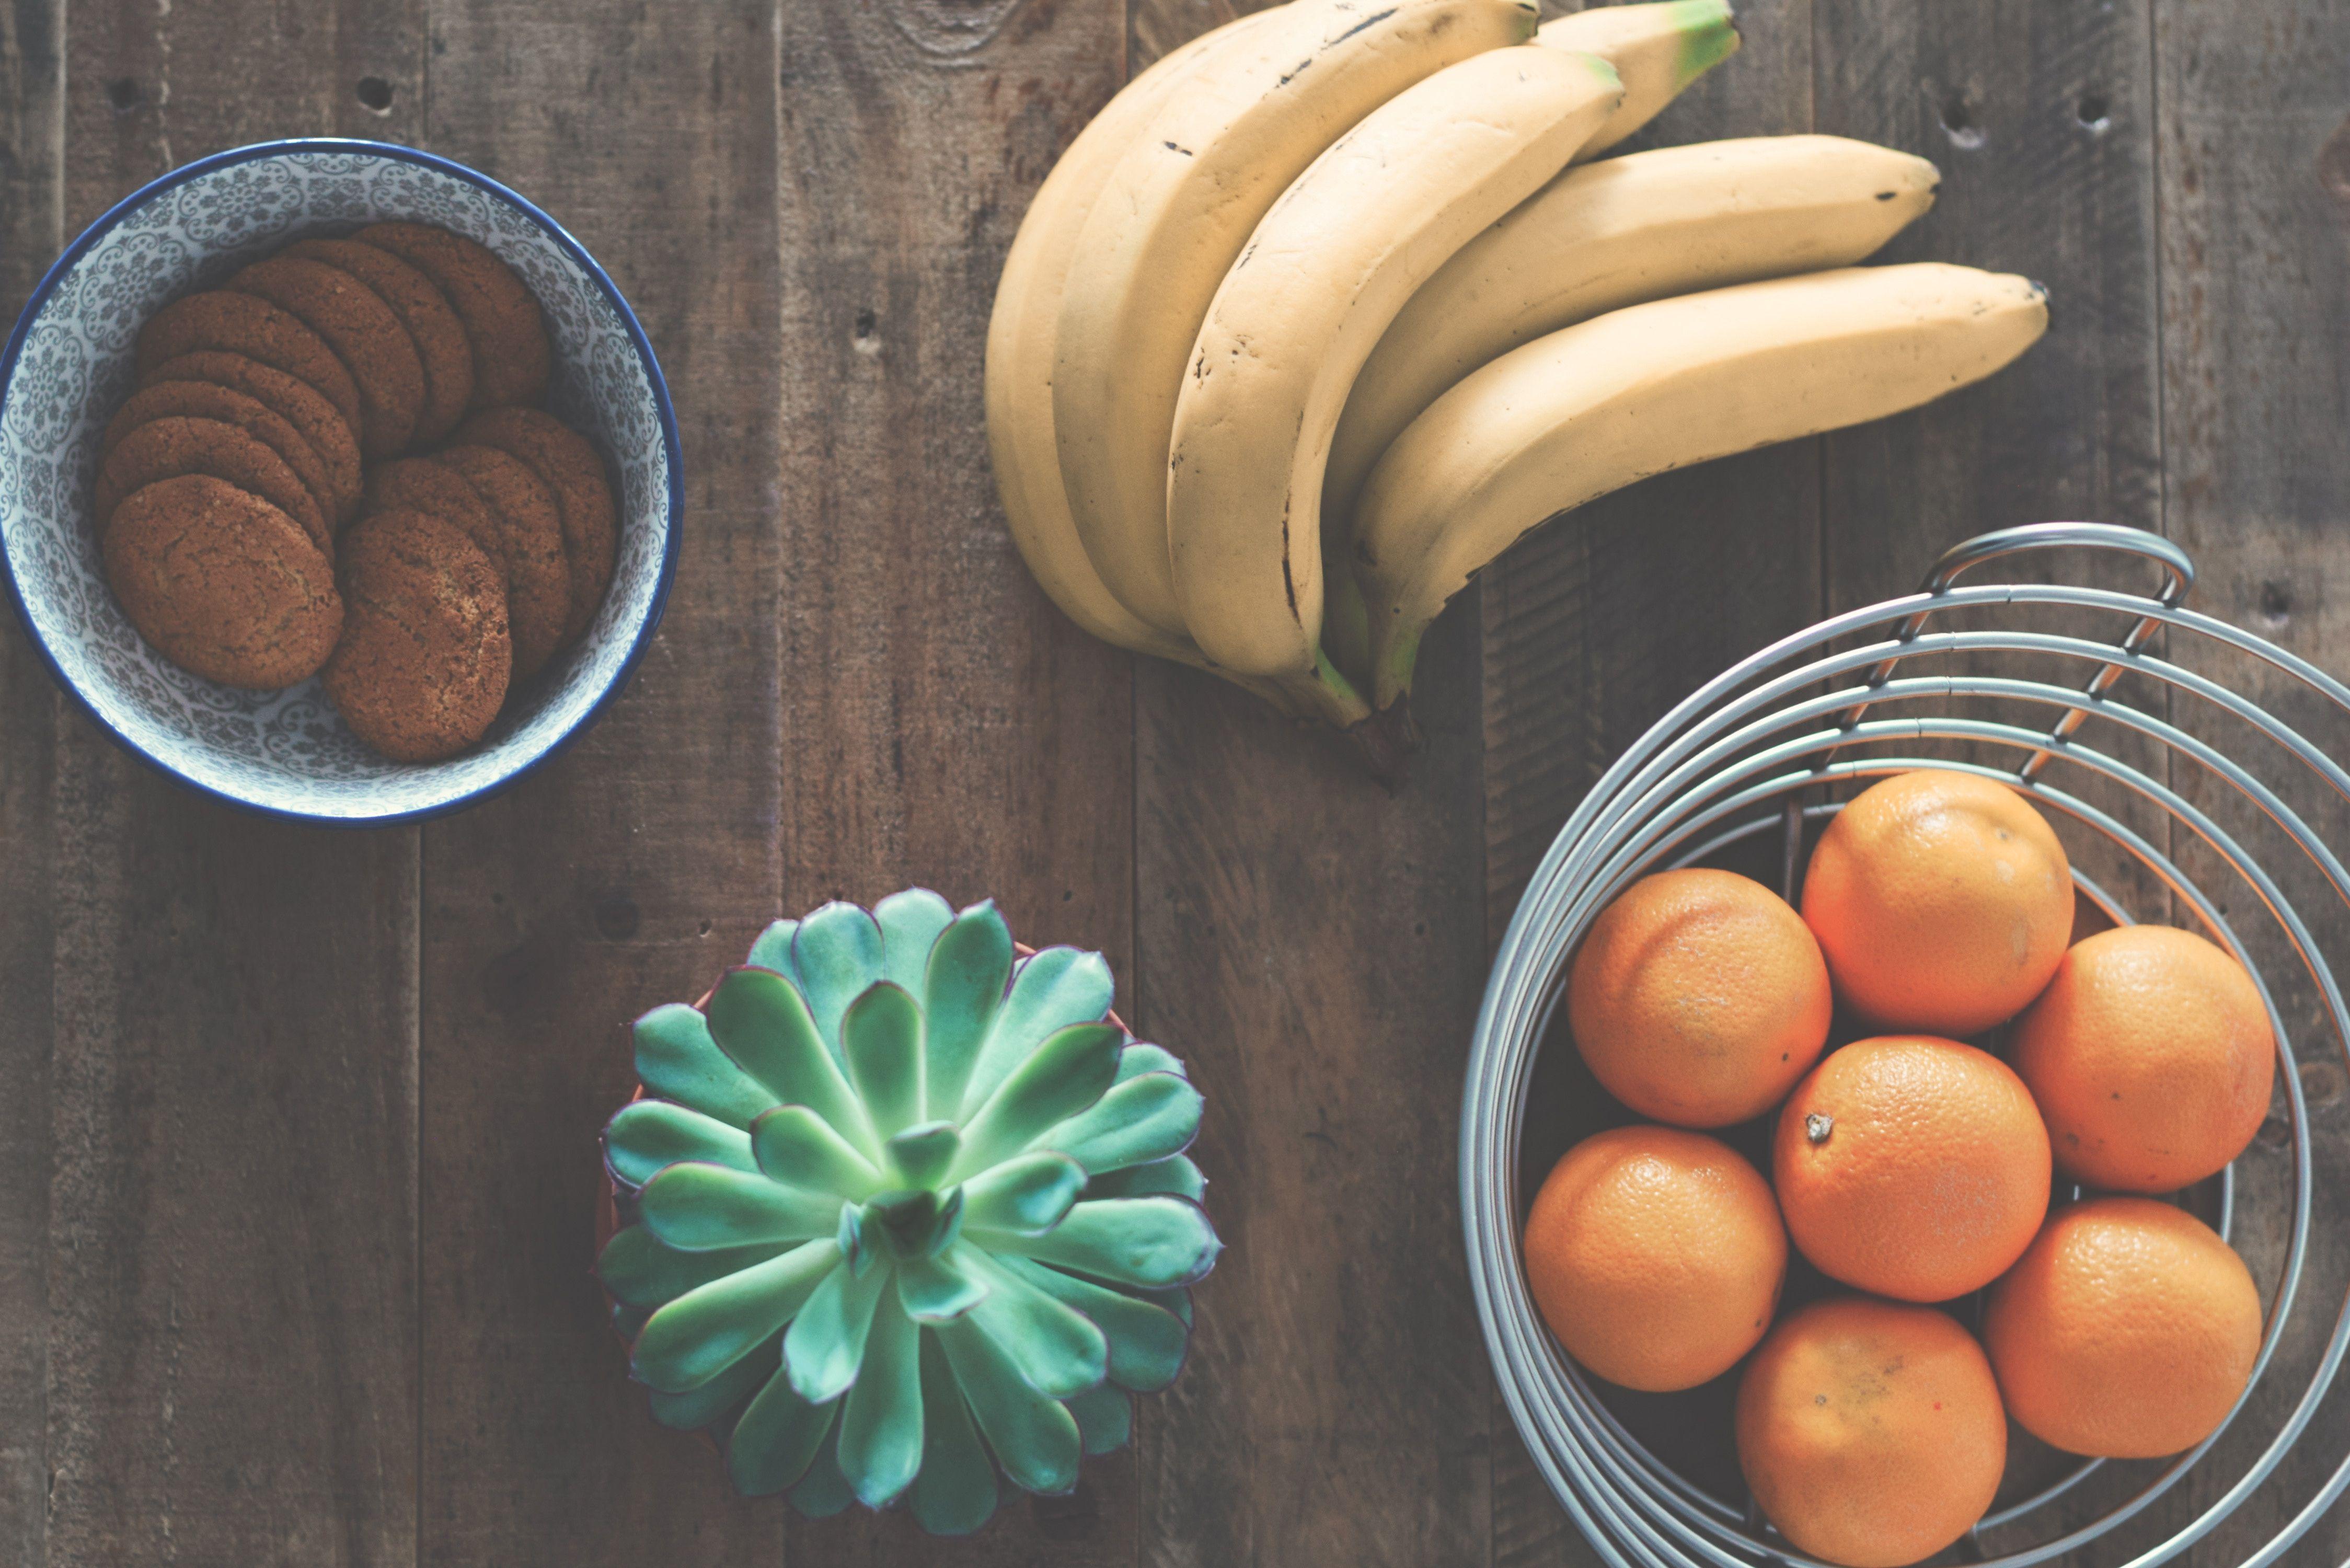 banan-frukt-kjøkken